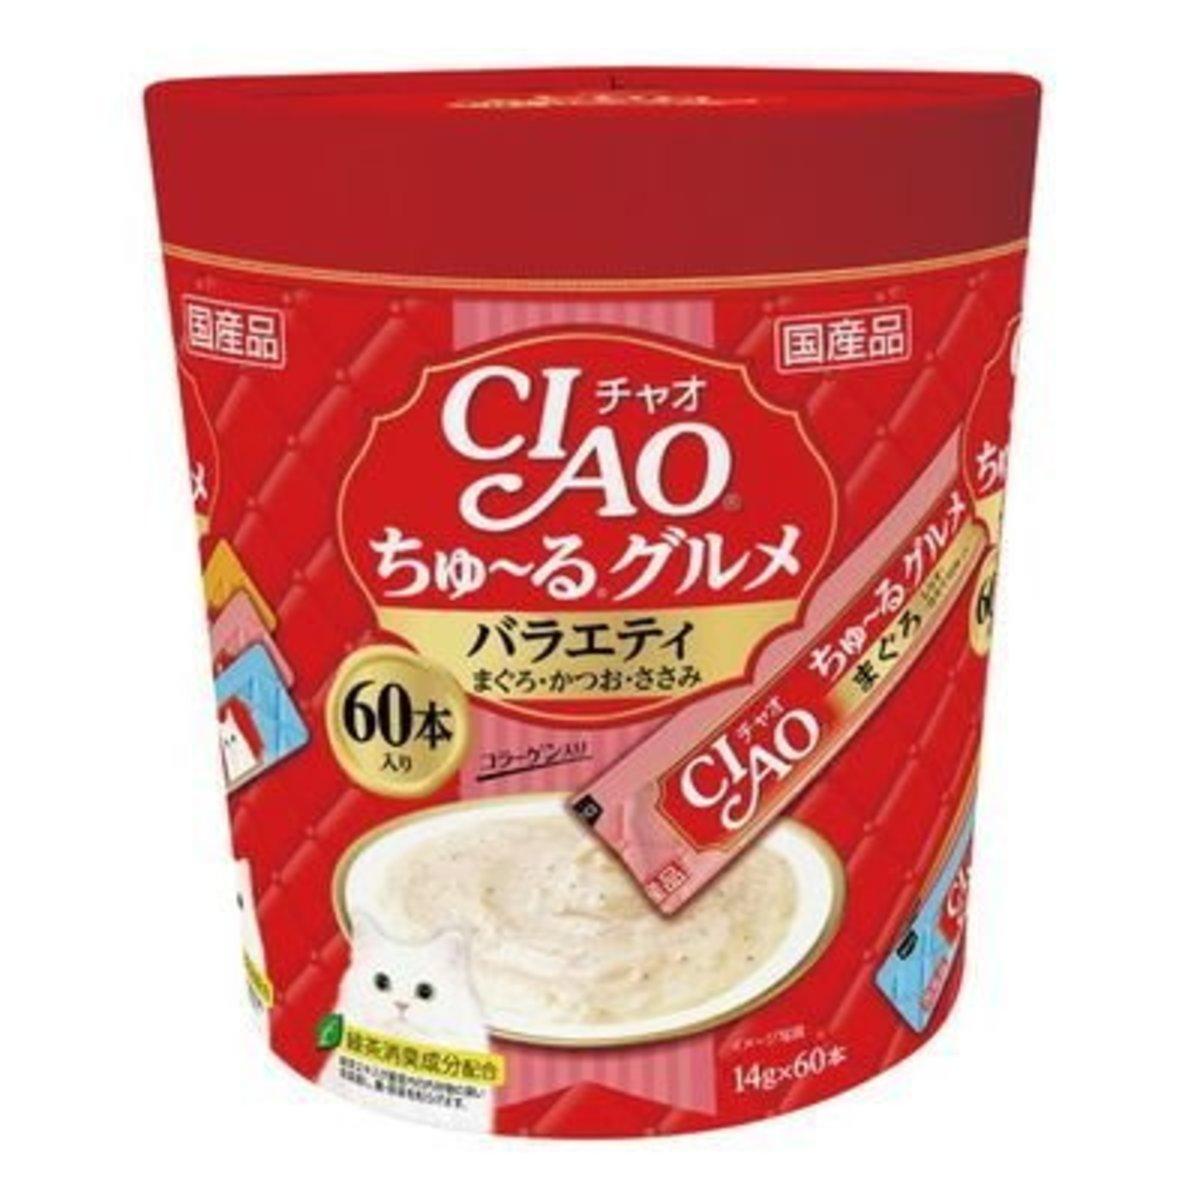 貓貓CIAO醬包-吞拿魚鰹魚雞肉 14g x60本 [紅色]